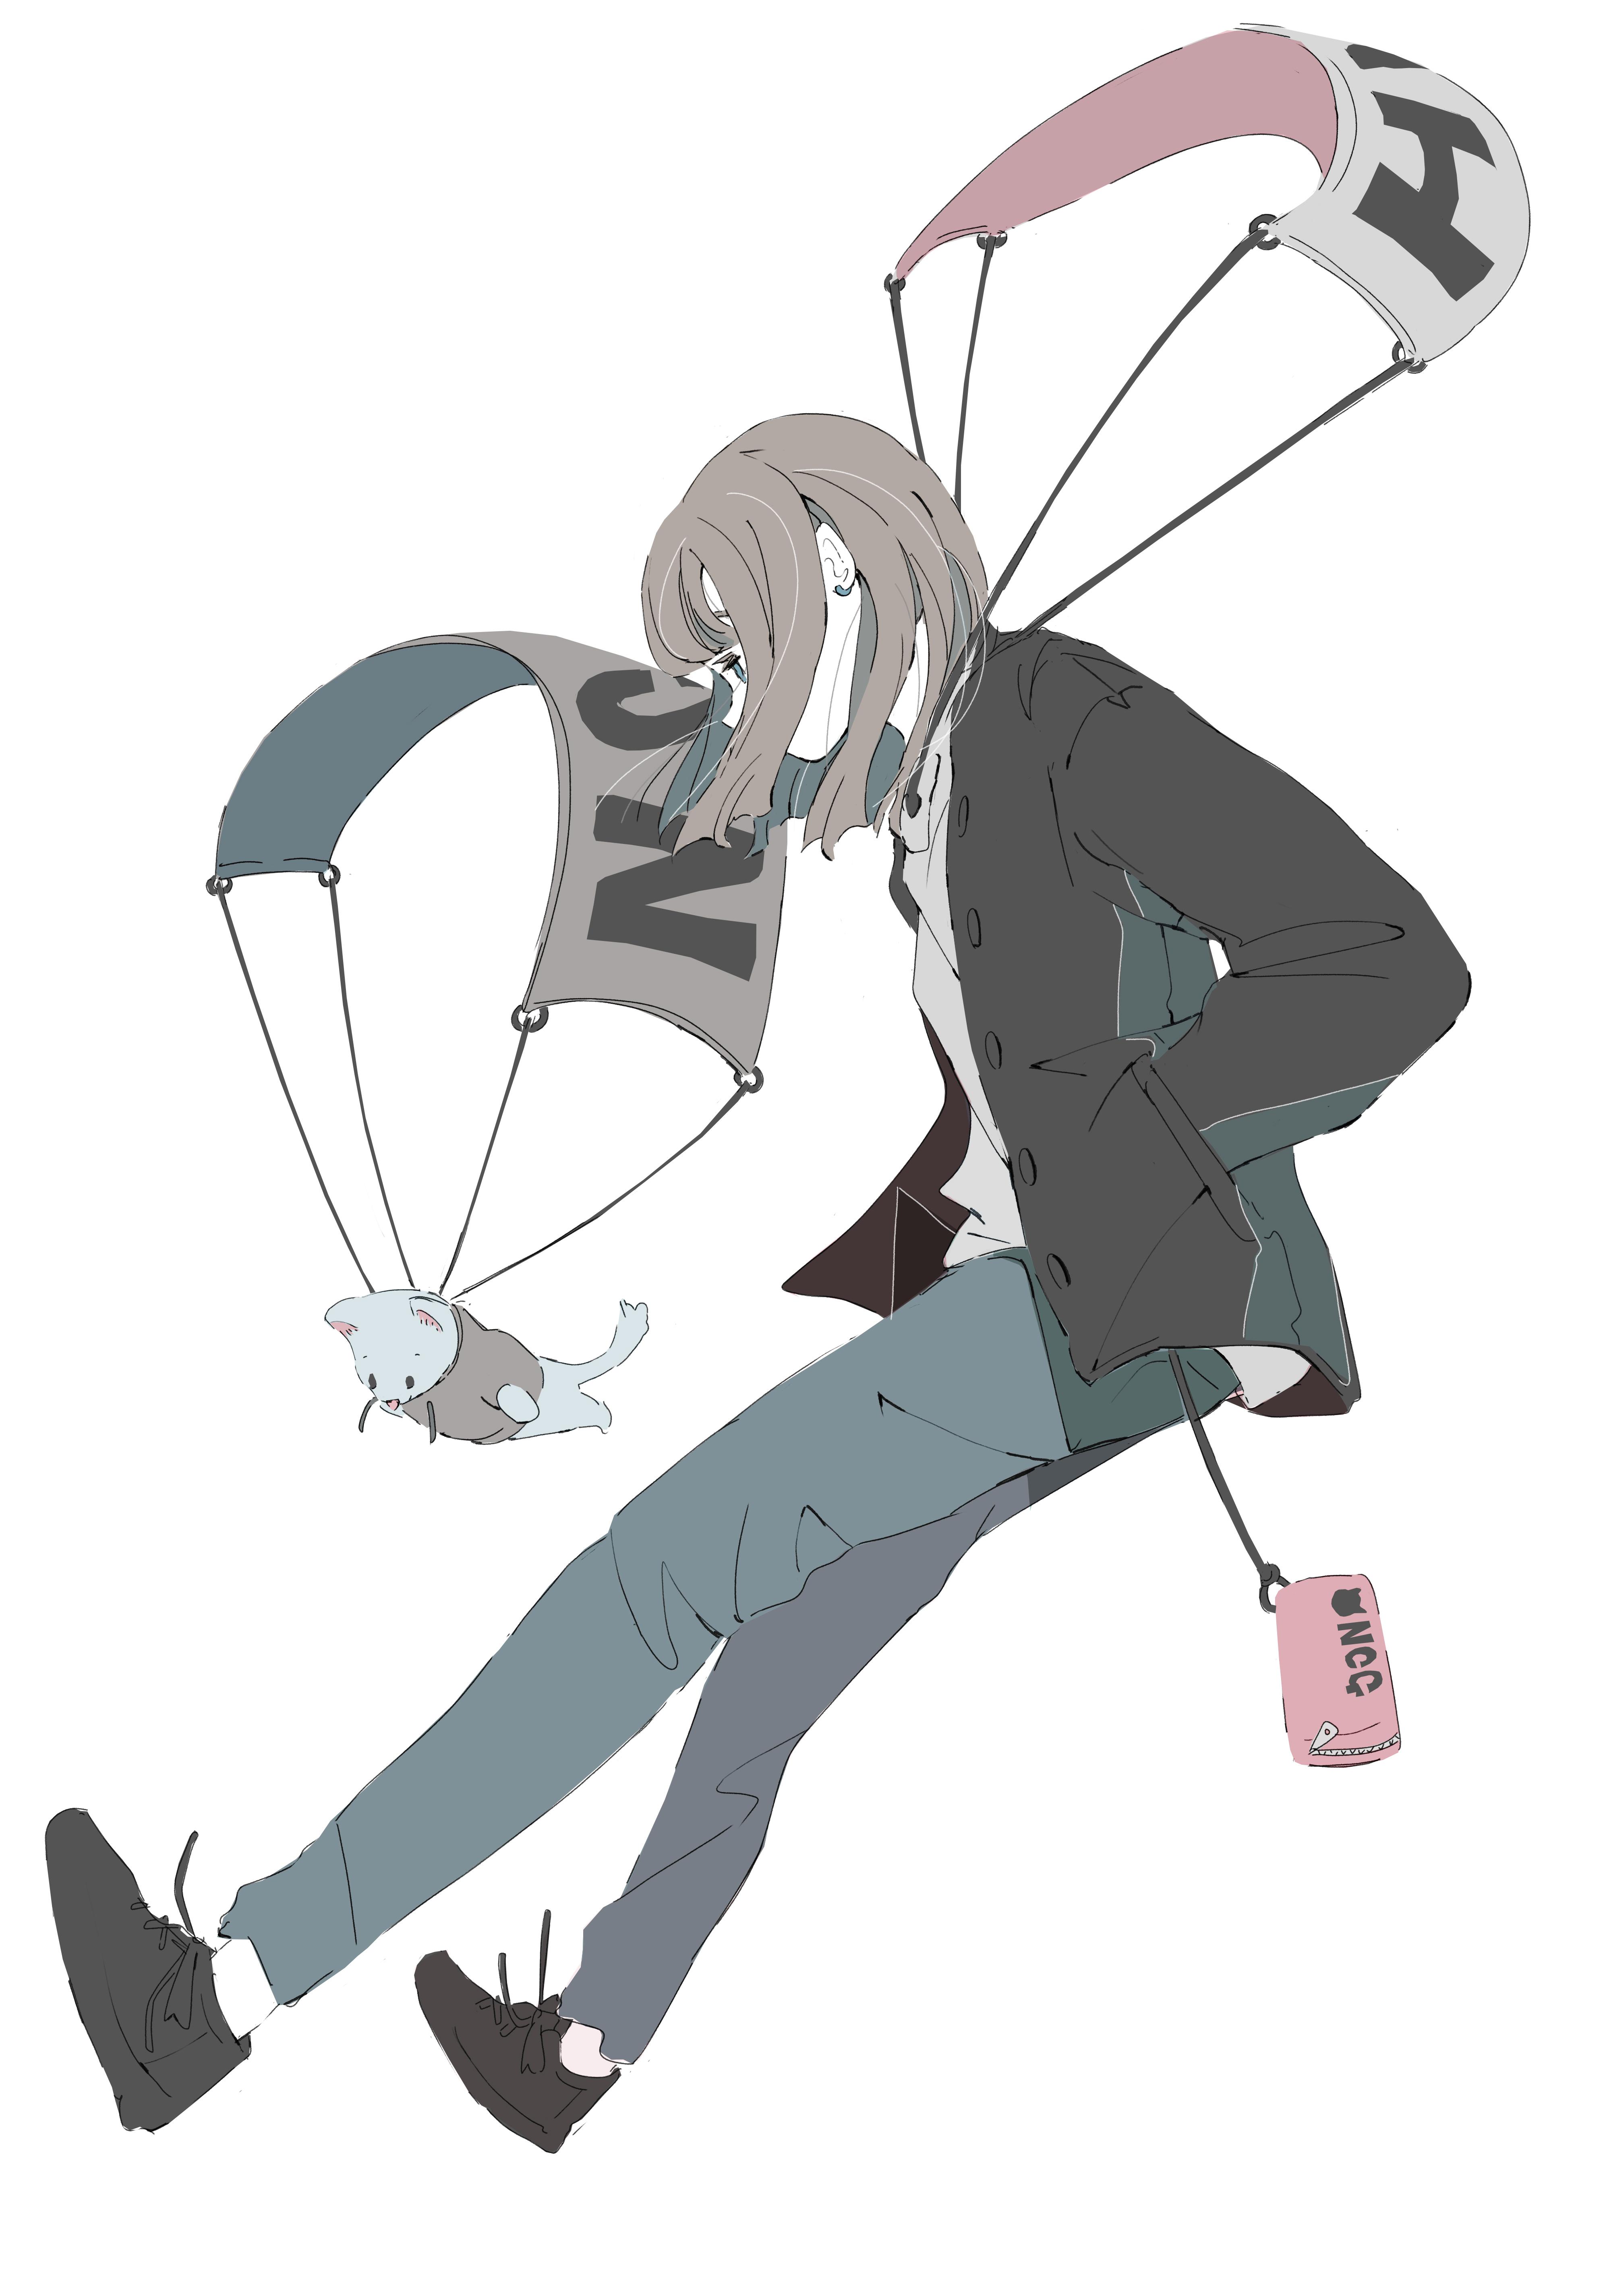 パーカーの女の子が空を飛ぶイラスト